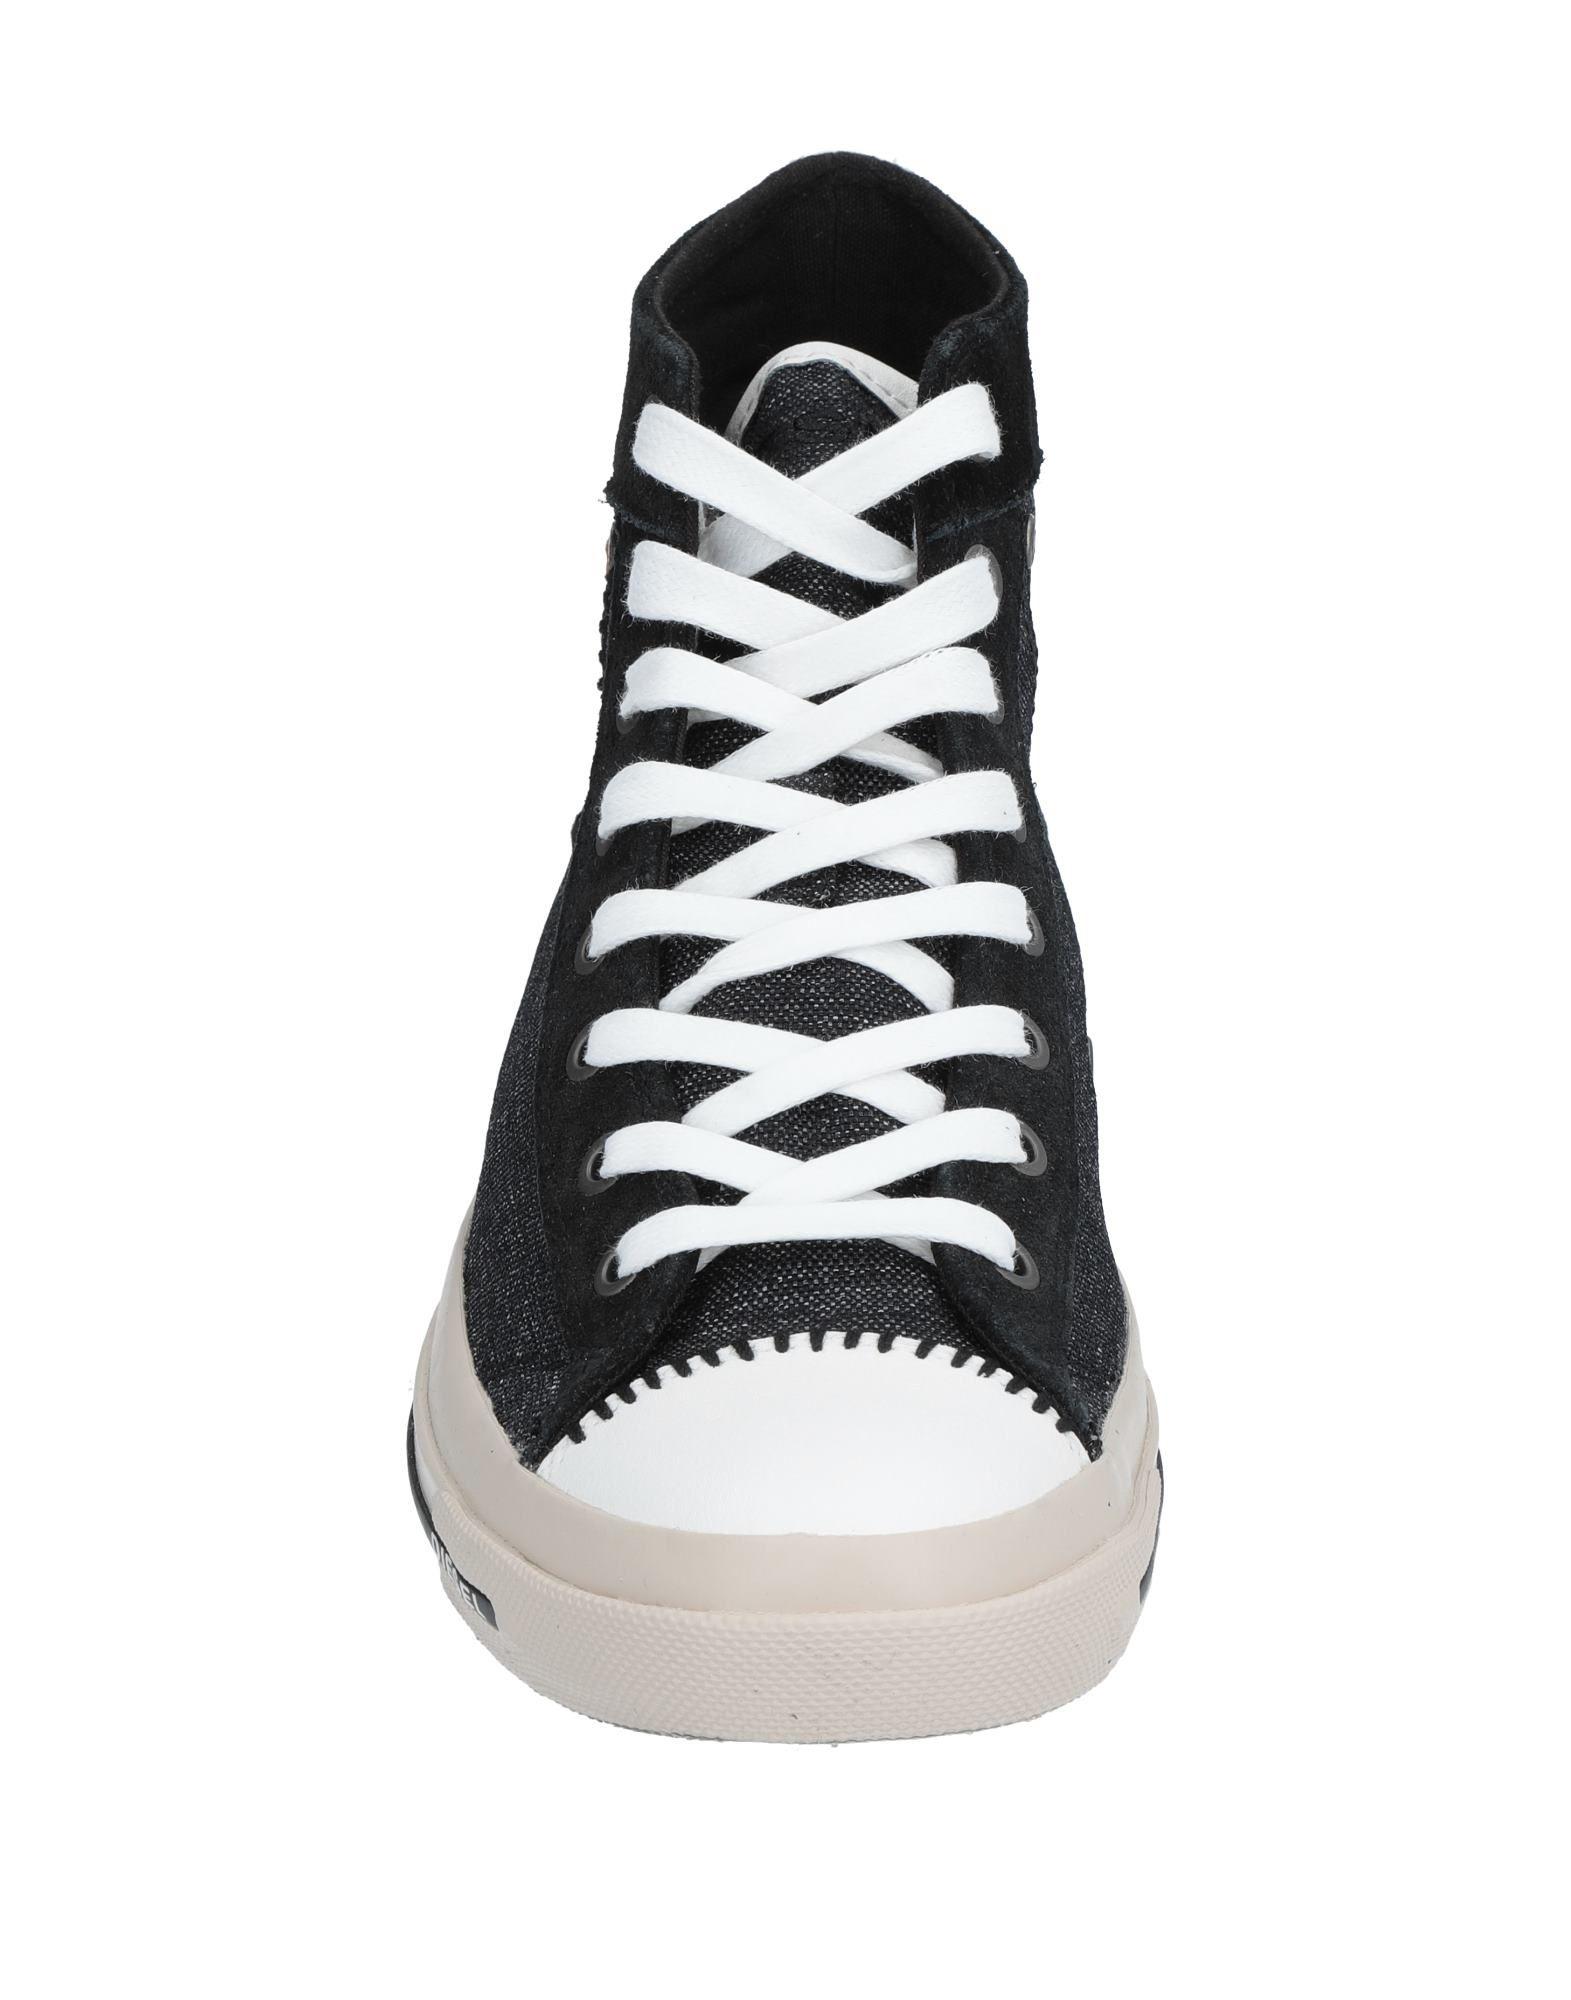 Rabatt Herren echte Schuhe Diesel Sneakers Herren Rabatt  11536128HP 501202